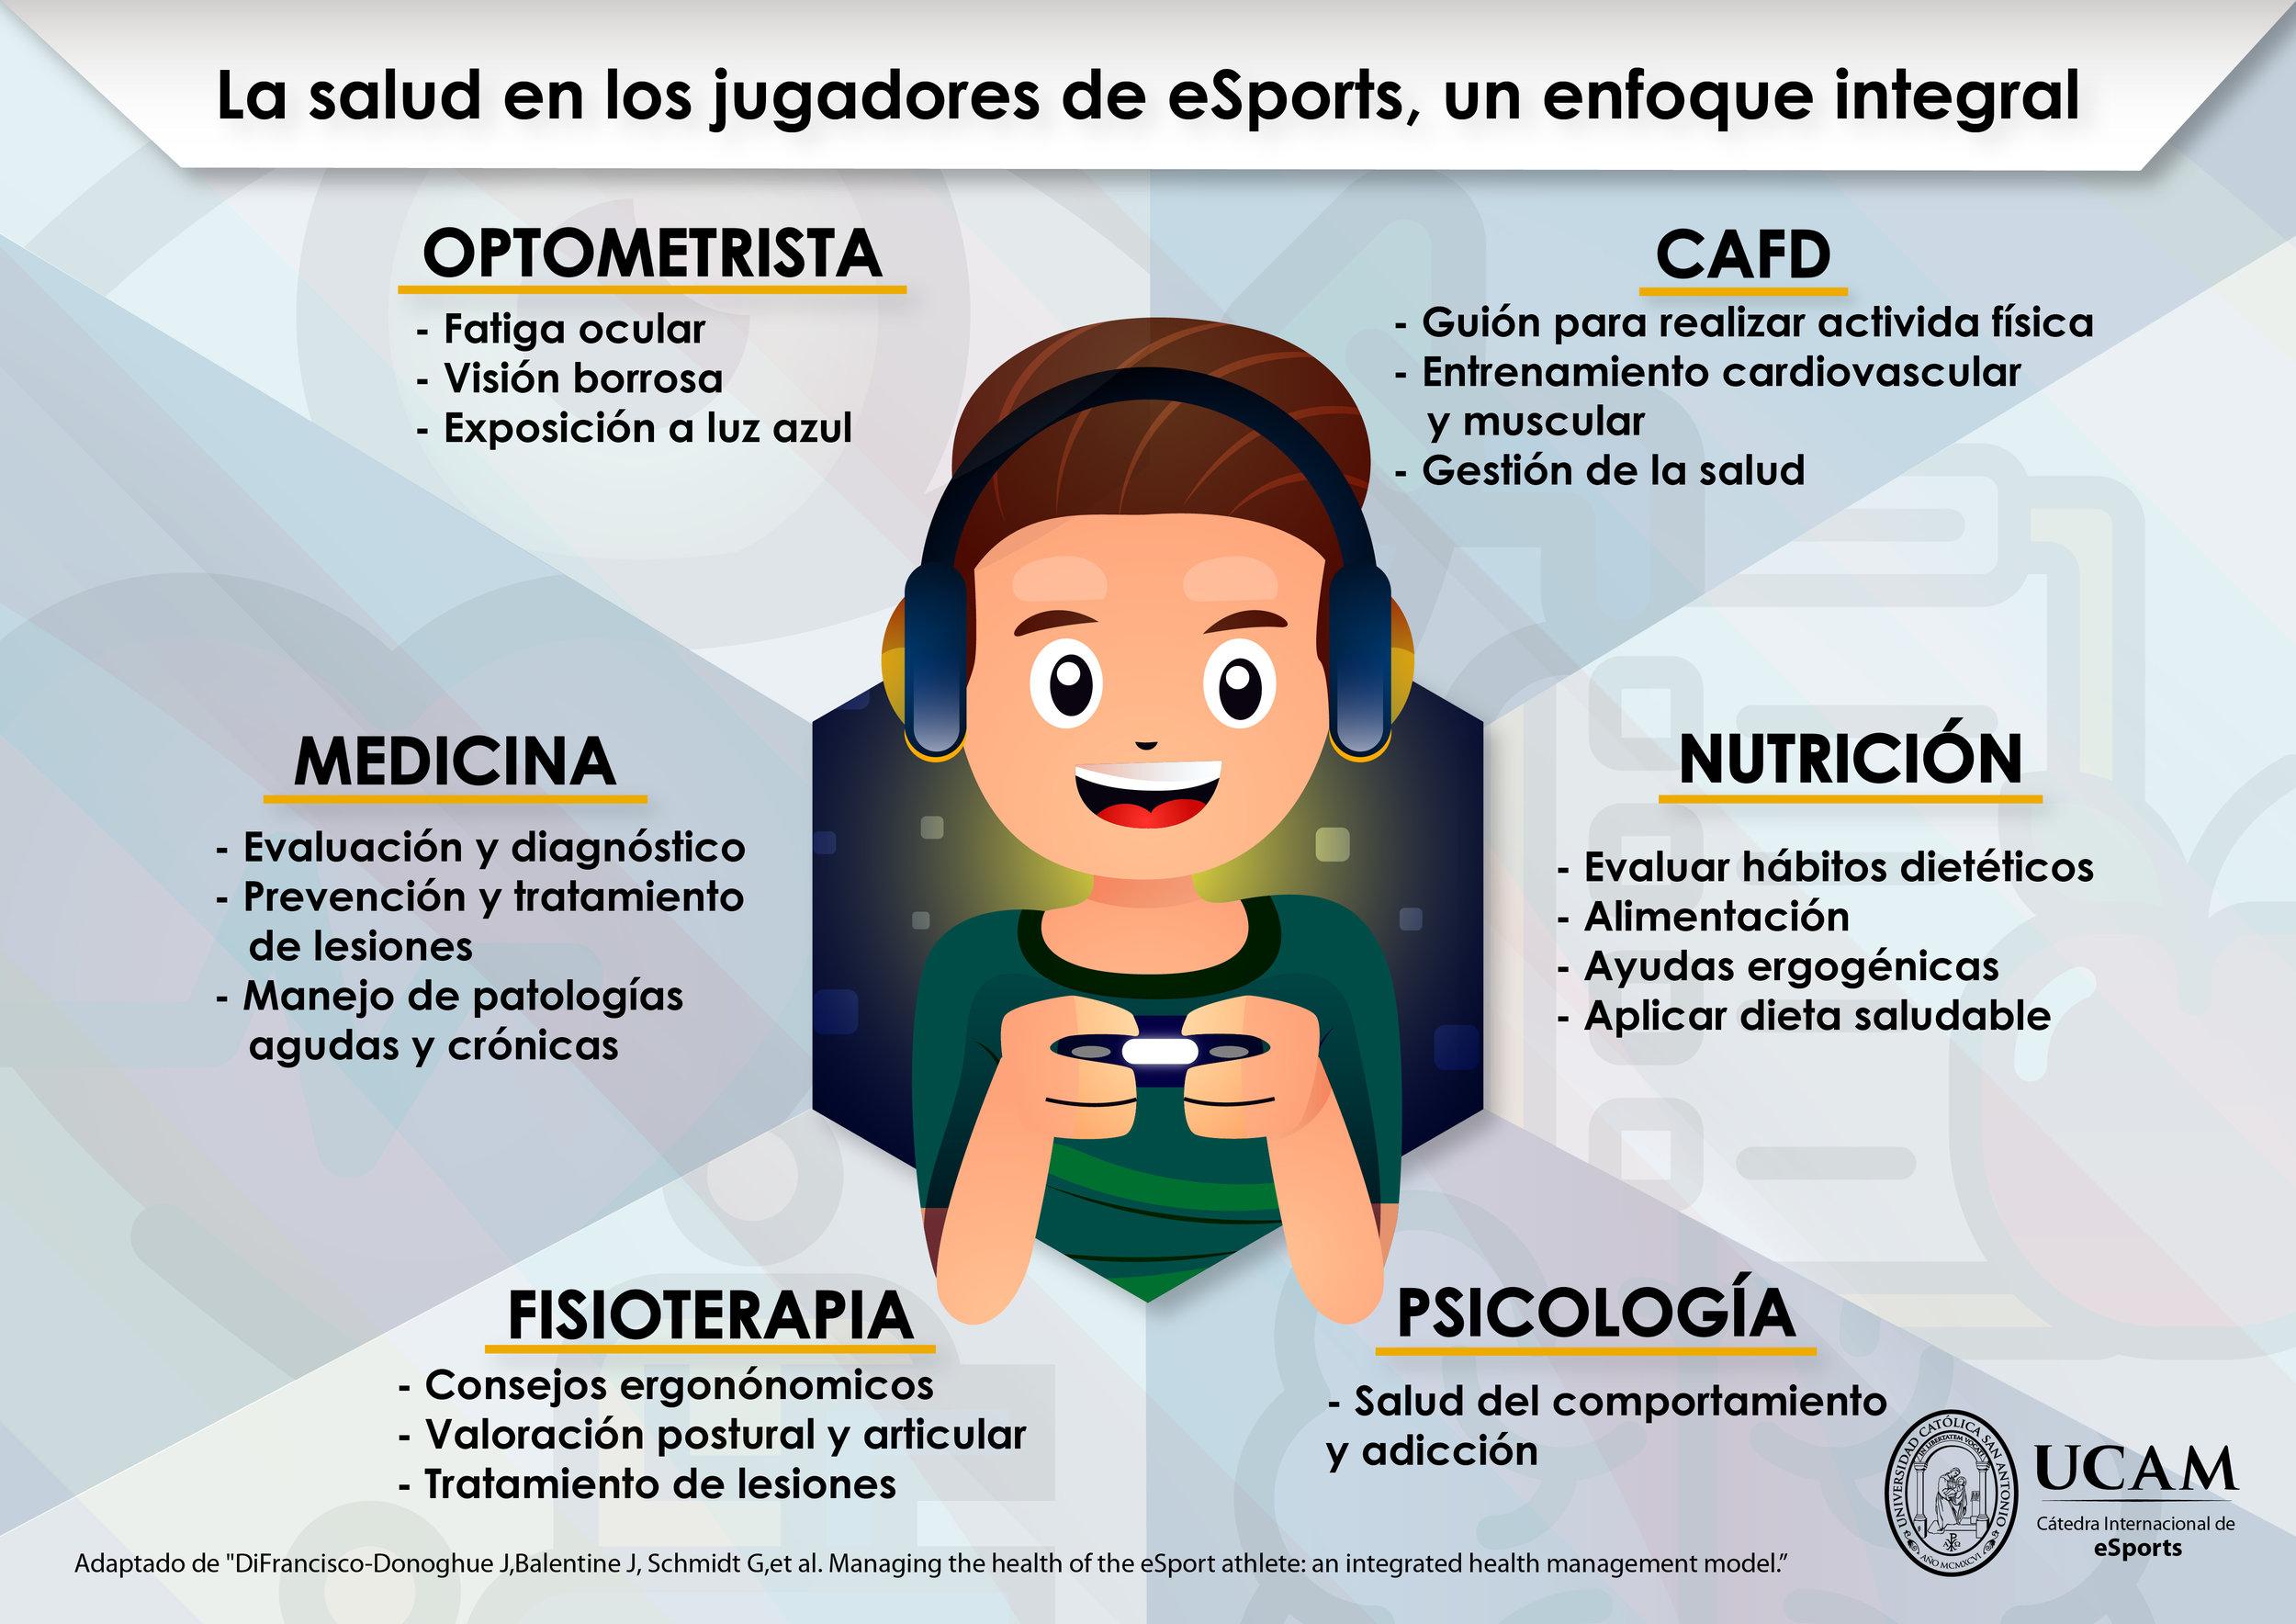 Infografía_Gestion_de_la_salud_v2.jpg